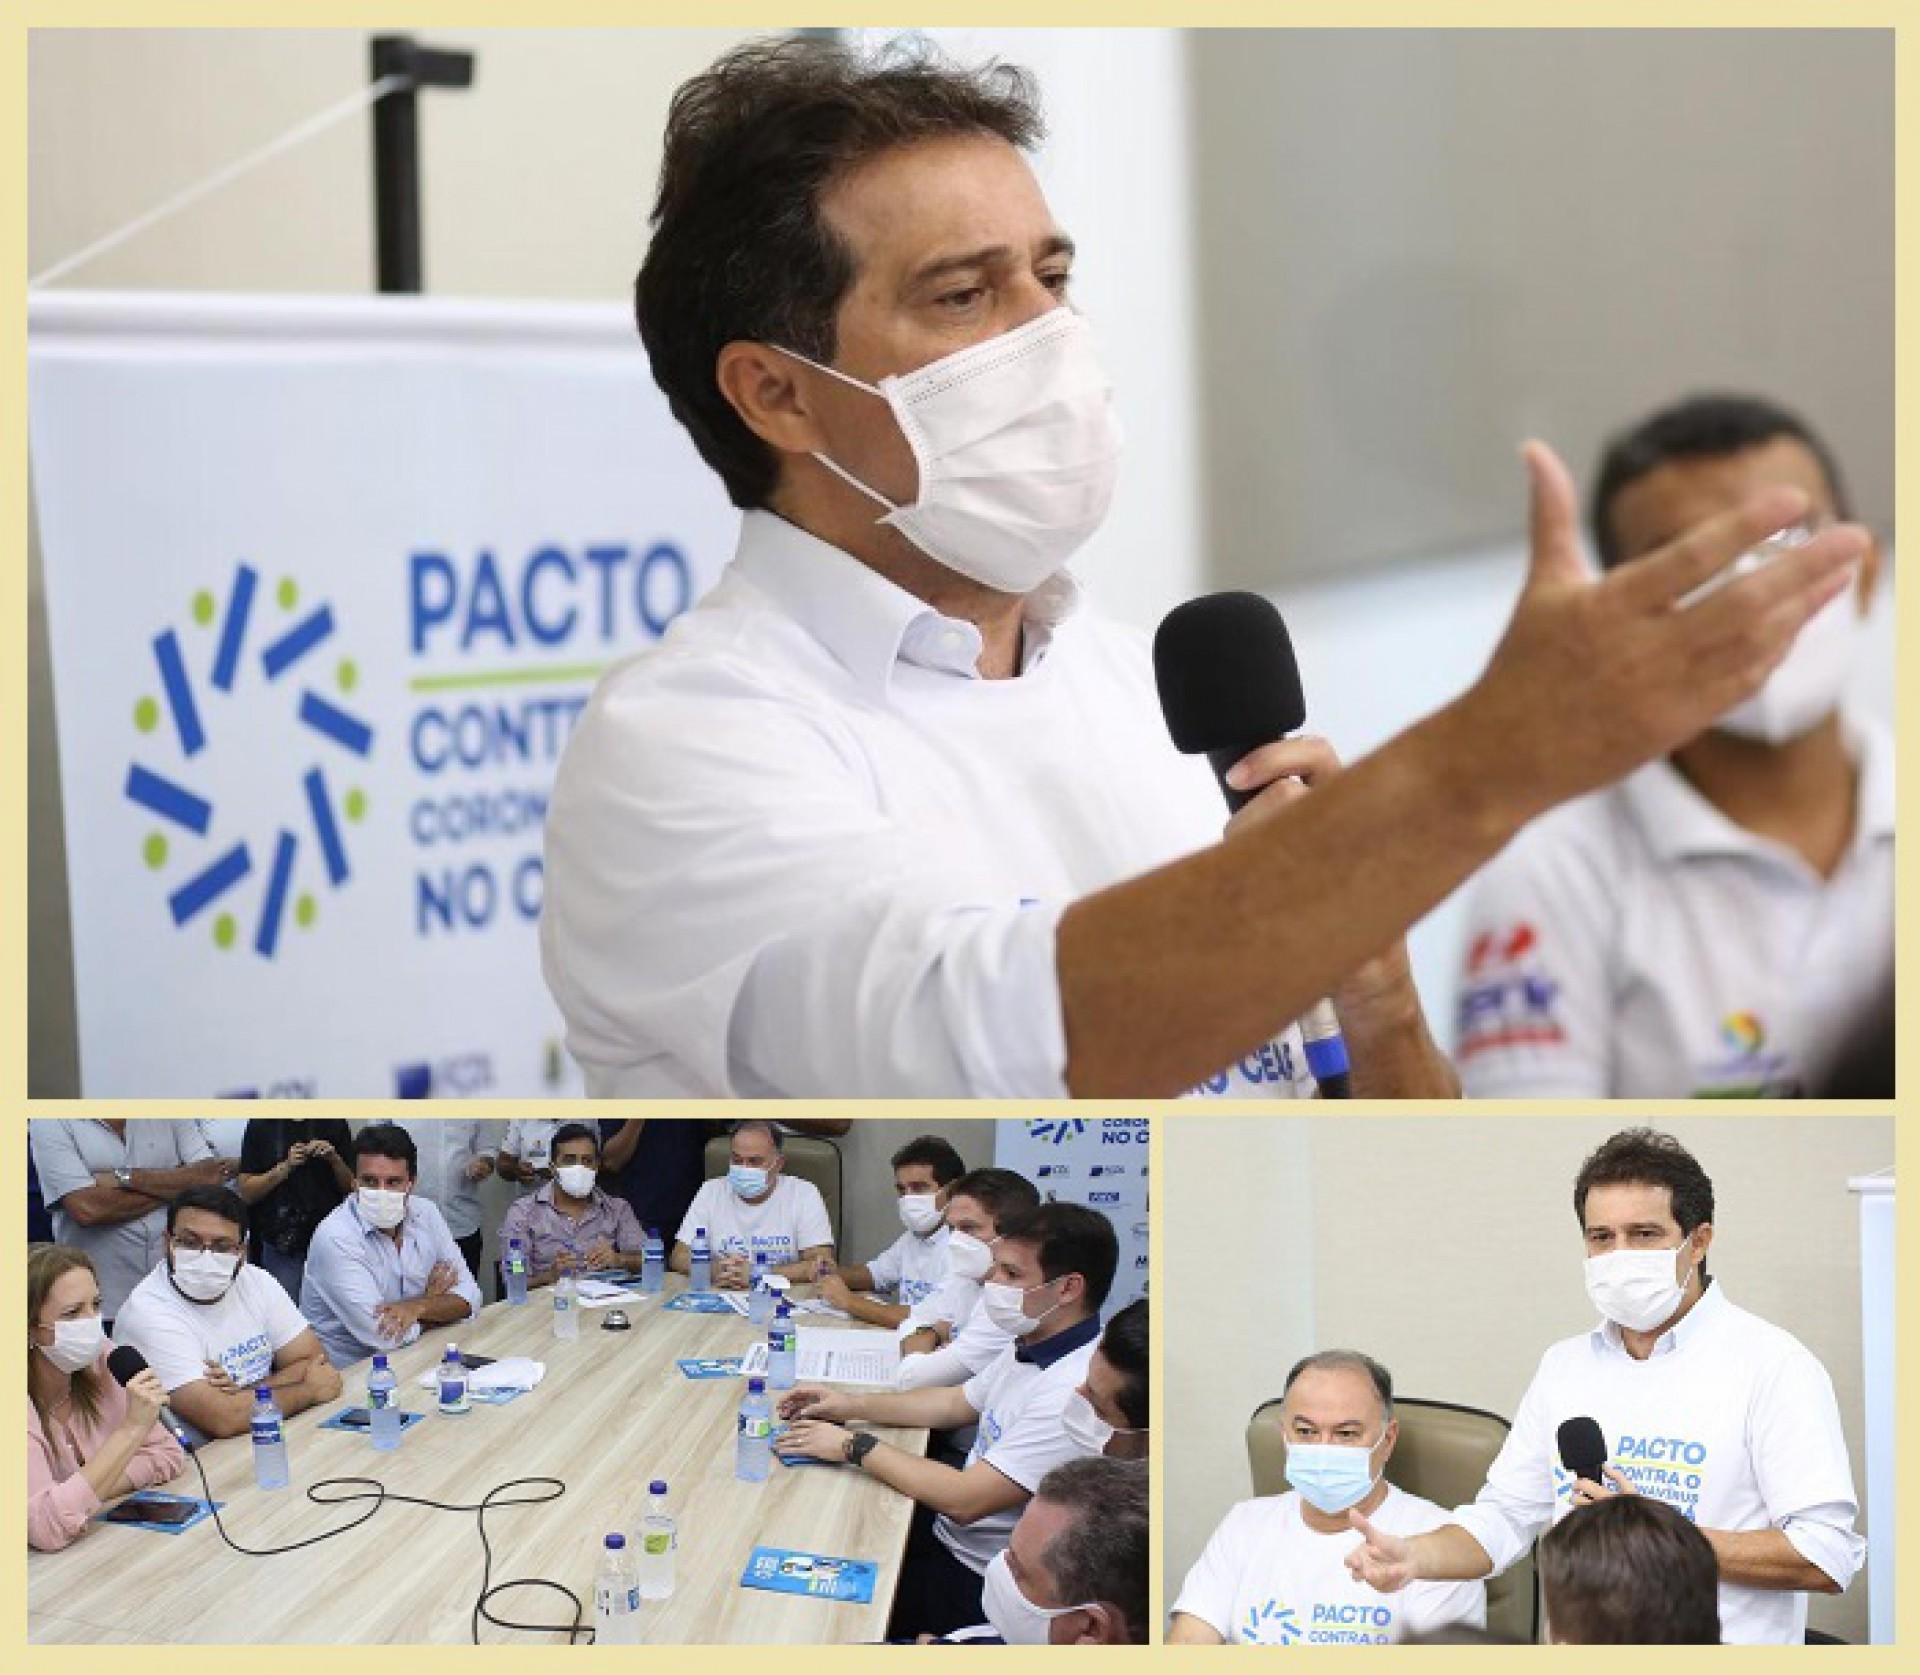 Pacto Contra o Coronavírus este nesta quinta-feira em Quixeramobim e Iguatu (Foto: DIVULGAÇÃO)